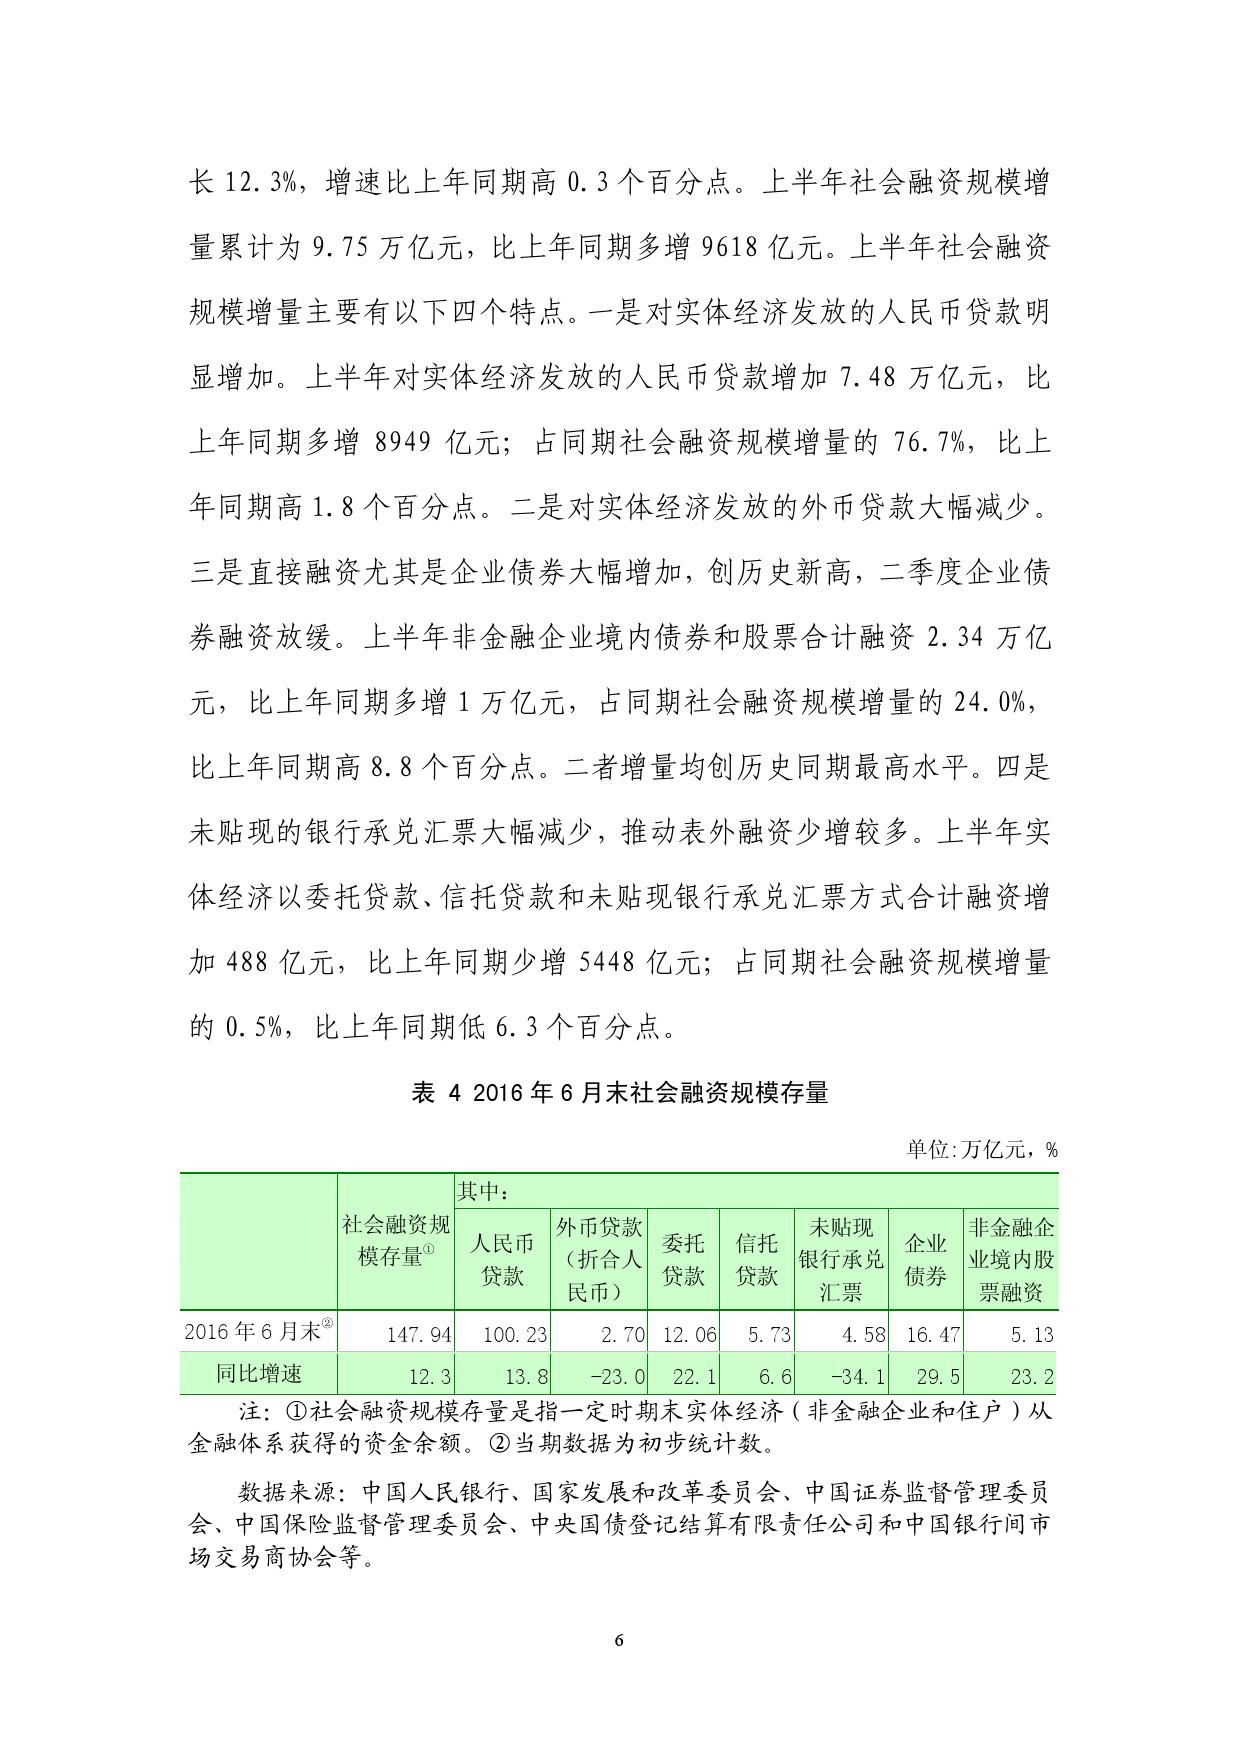 2016年Q2中国货币政策执行报告_000012